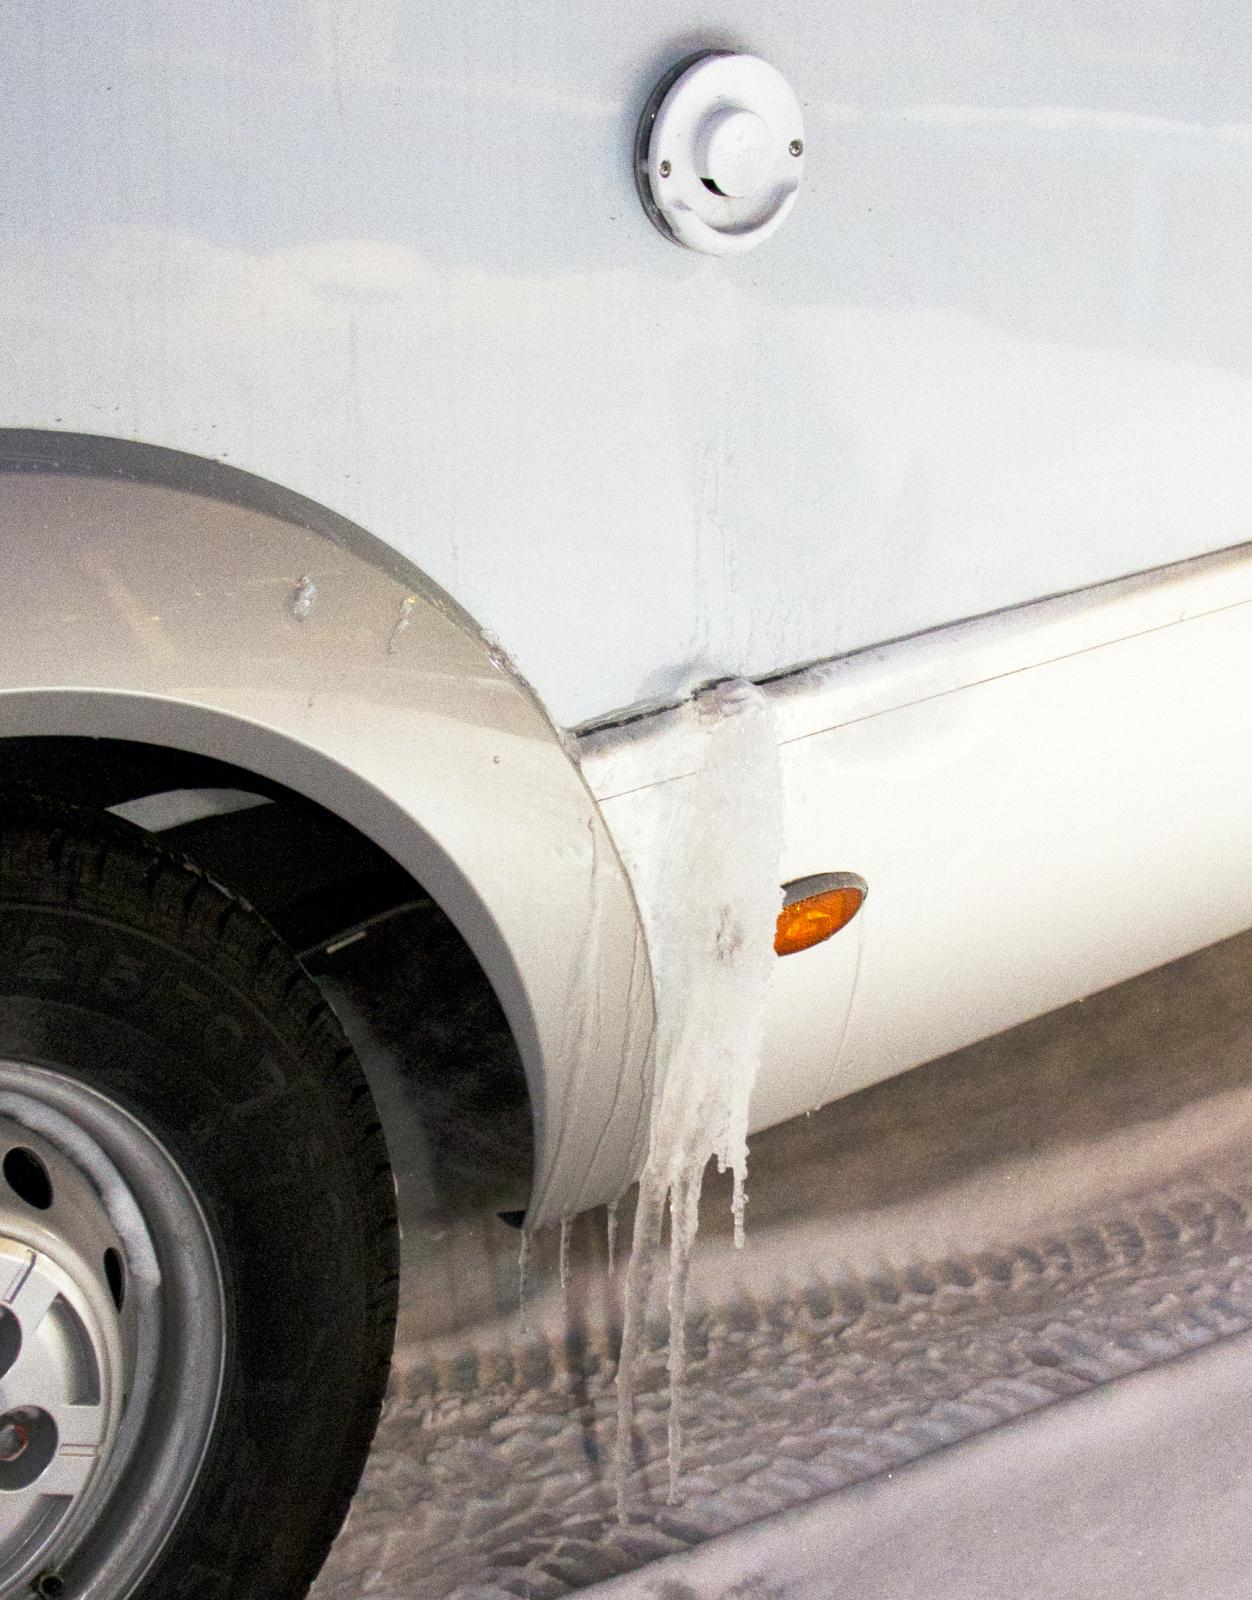 Avgasutblåset värms och kondensvattnet fryser fast i sidan av bilen.